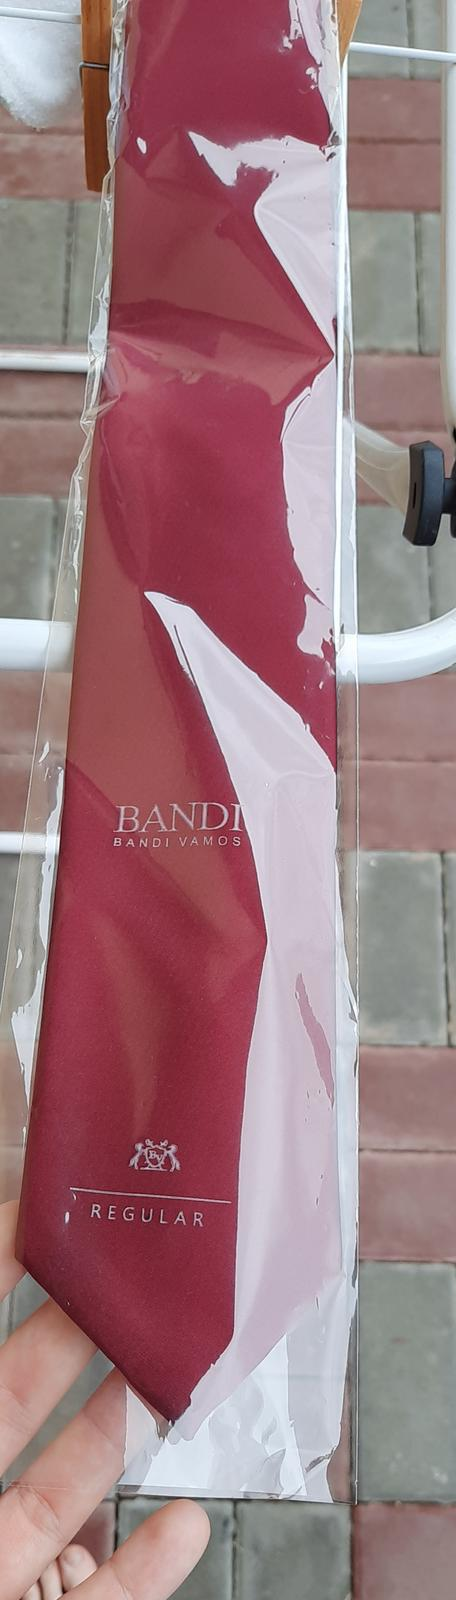 kravata bandi bordo - Obrázek č. 1